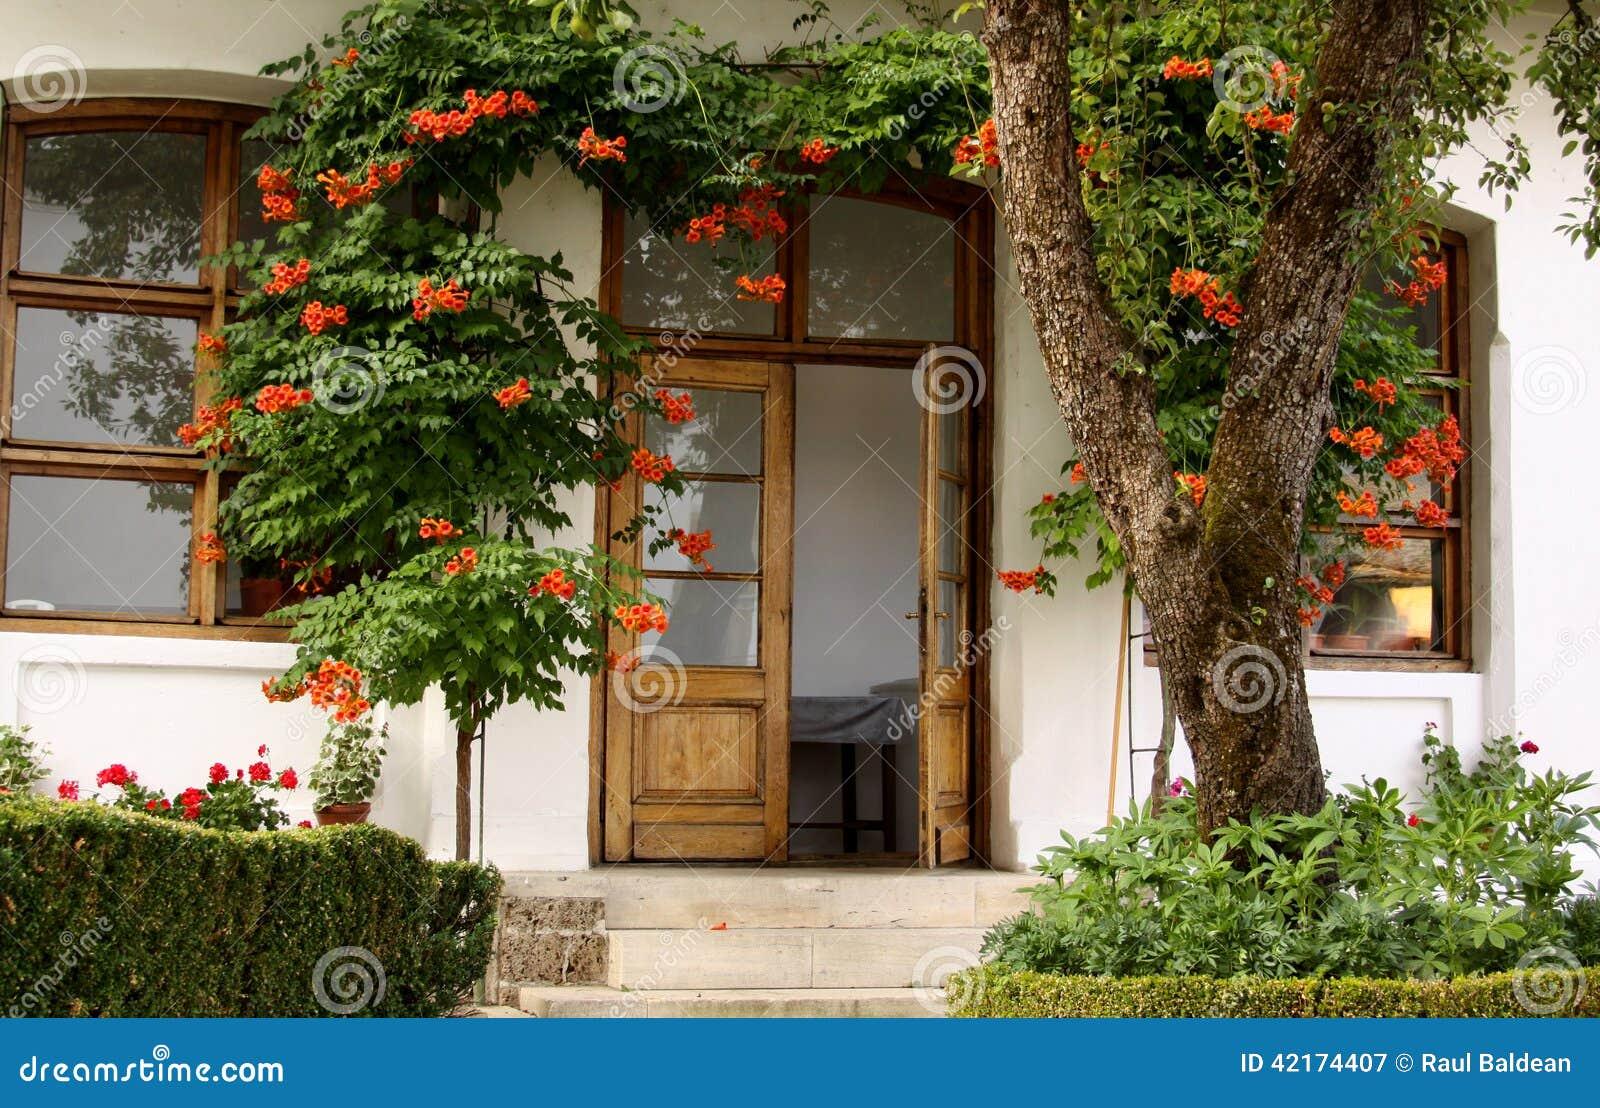 Huis met bloemen in de tuin stock afbeelding afbeelding for Huis in de tuin